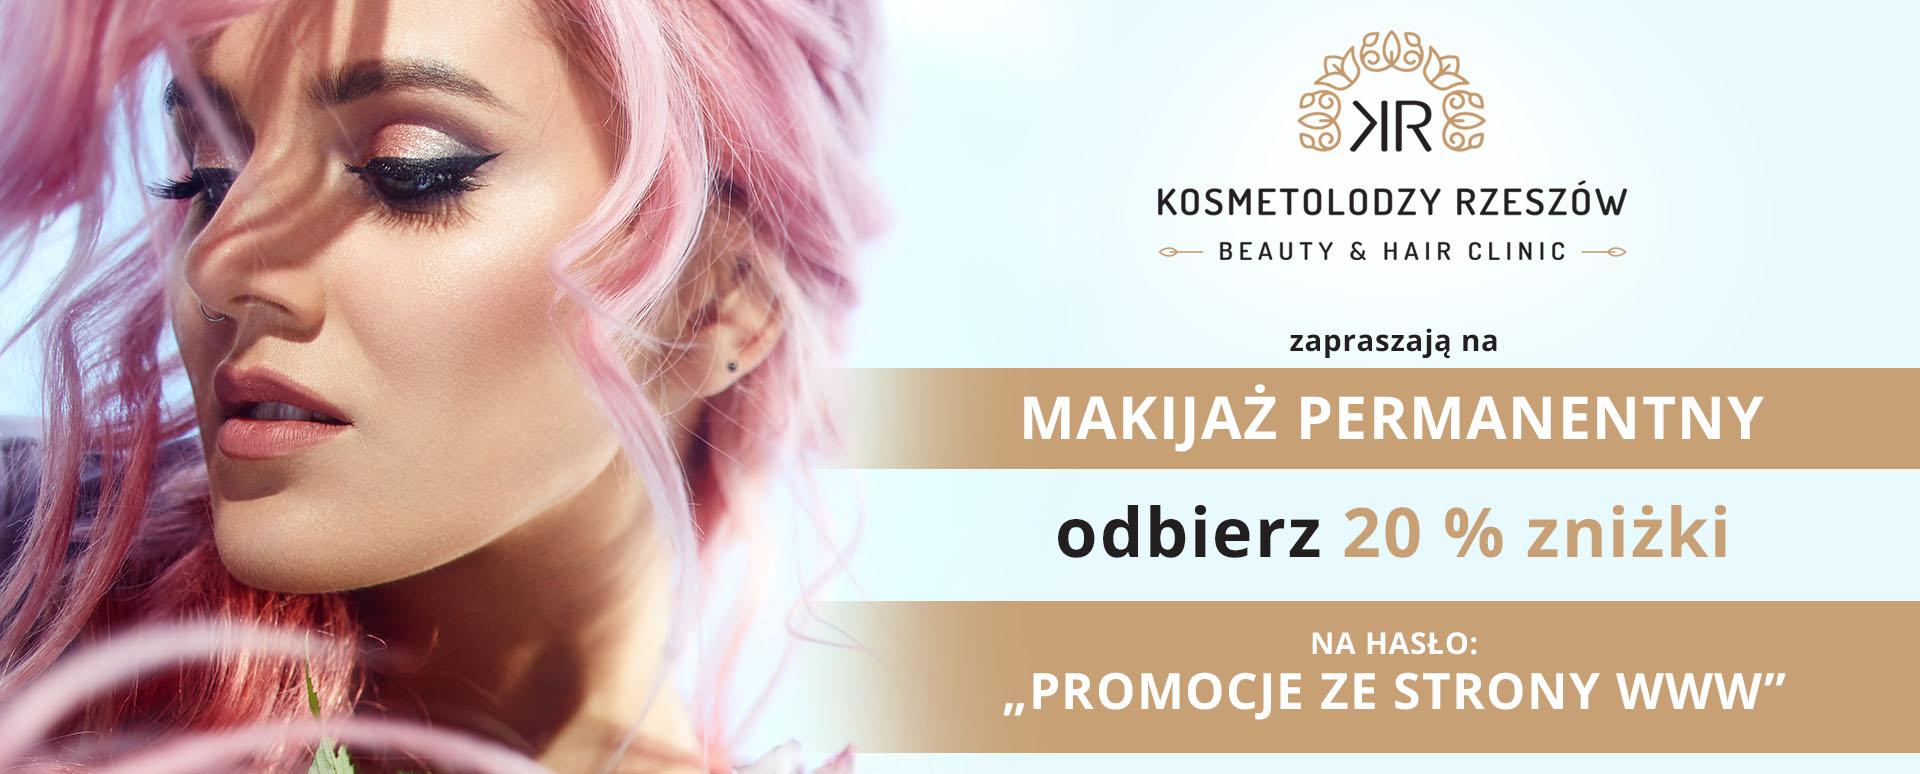 makijaż permanentny rzeszów